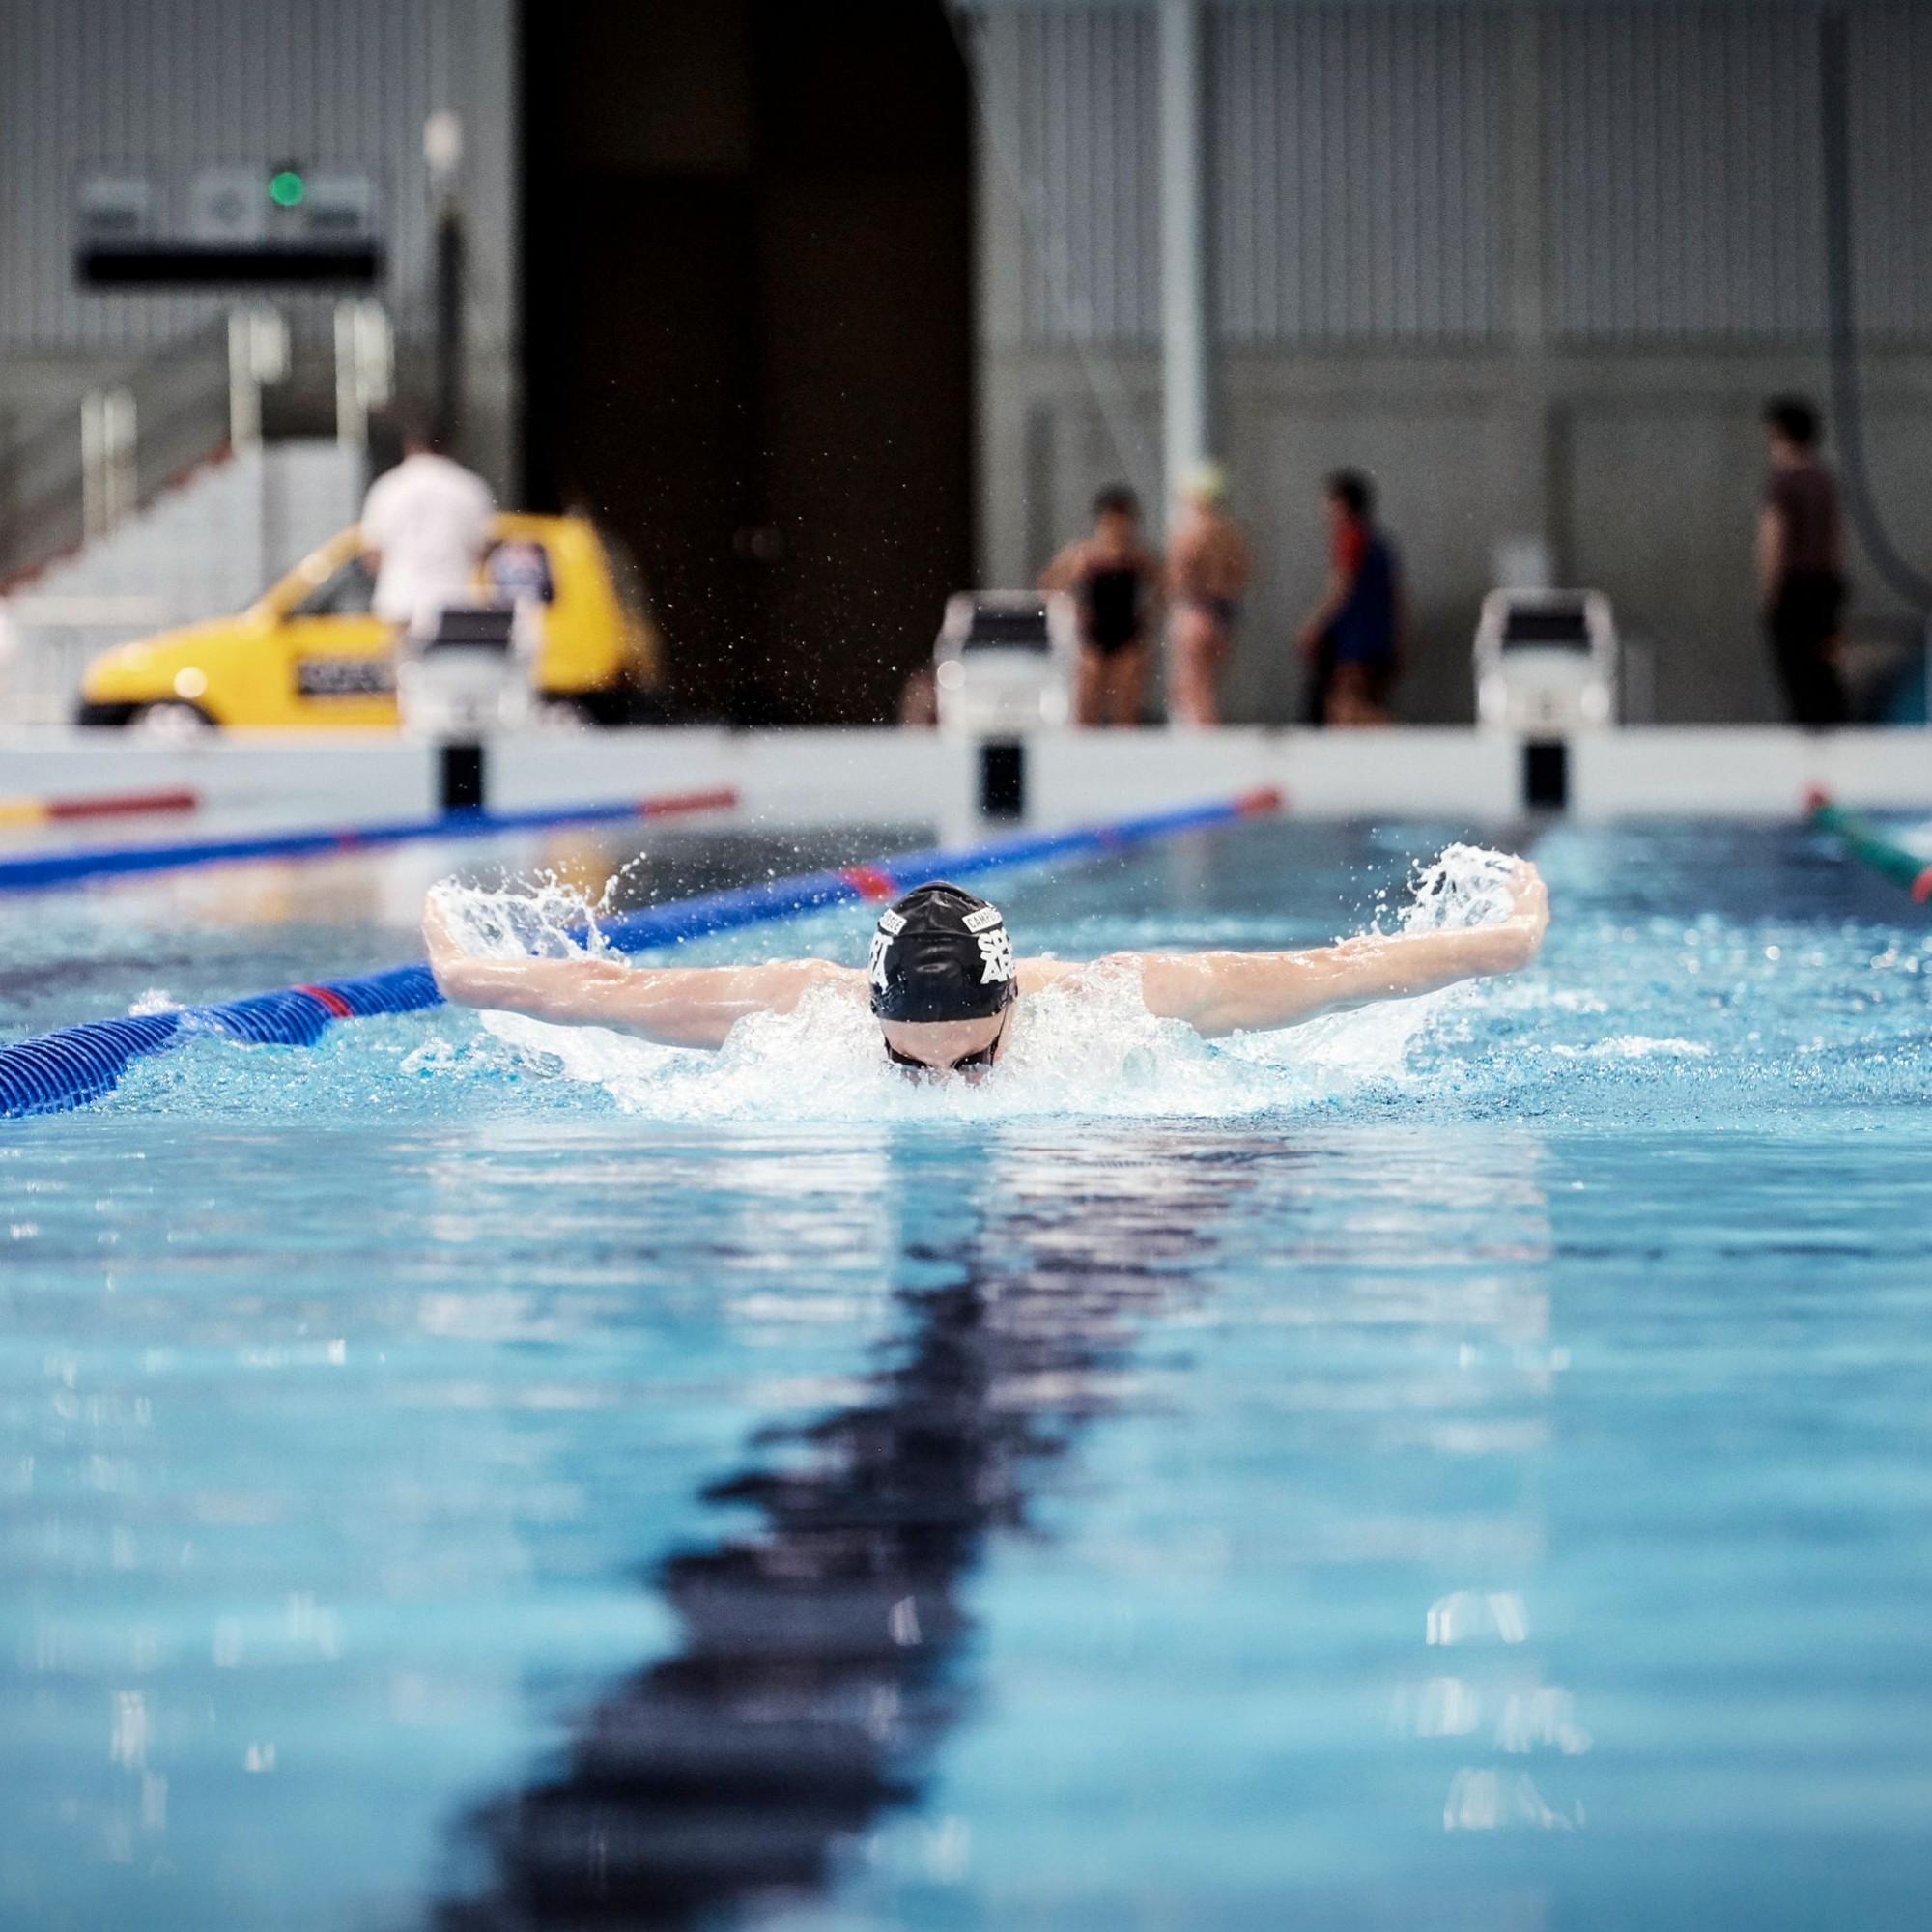 Das olympische50-Meter-Becken erfüllt alleAnforderungen für verschiedene internationale Wettkämpfe.